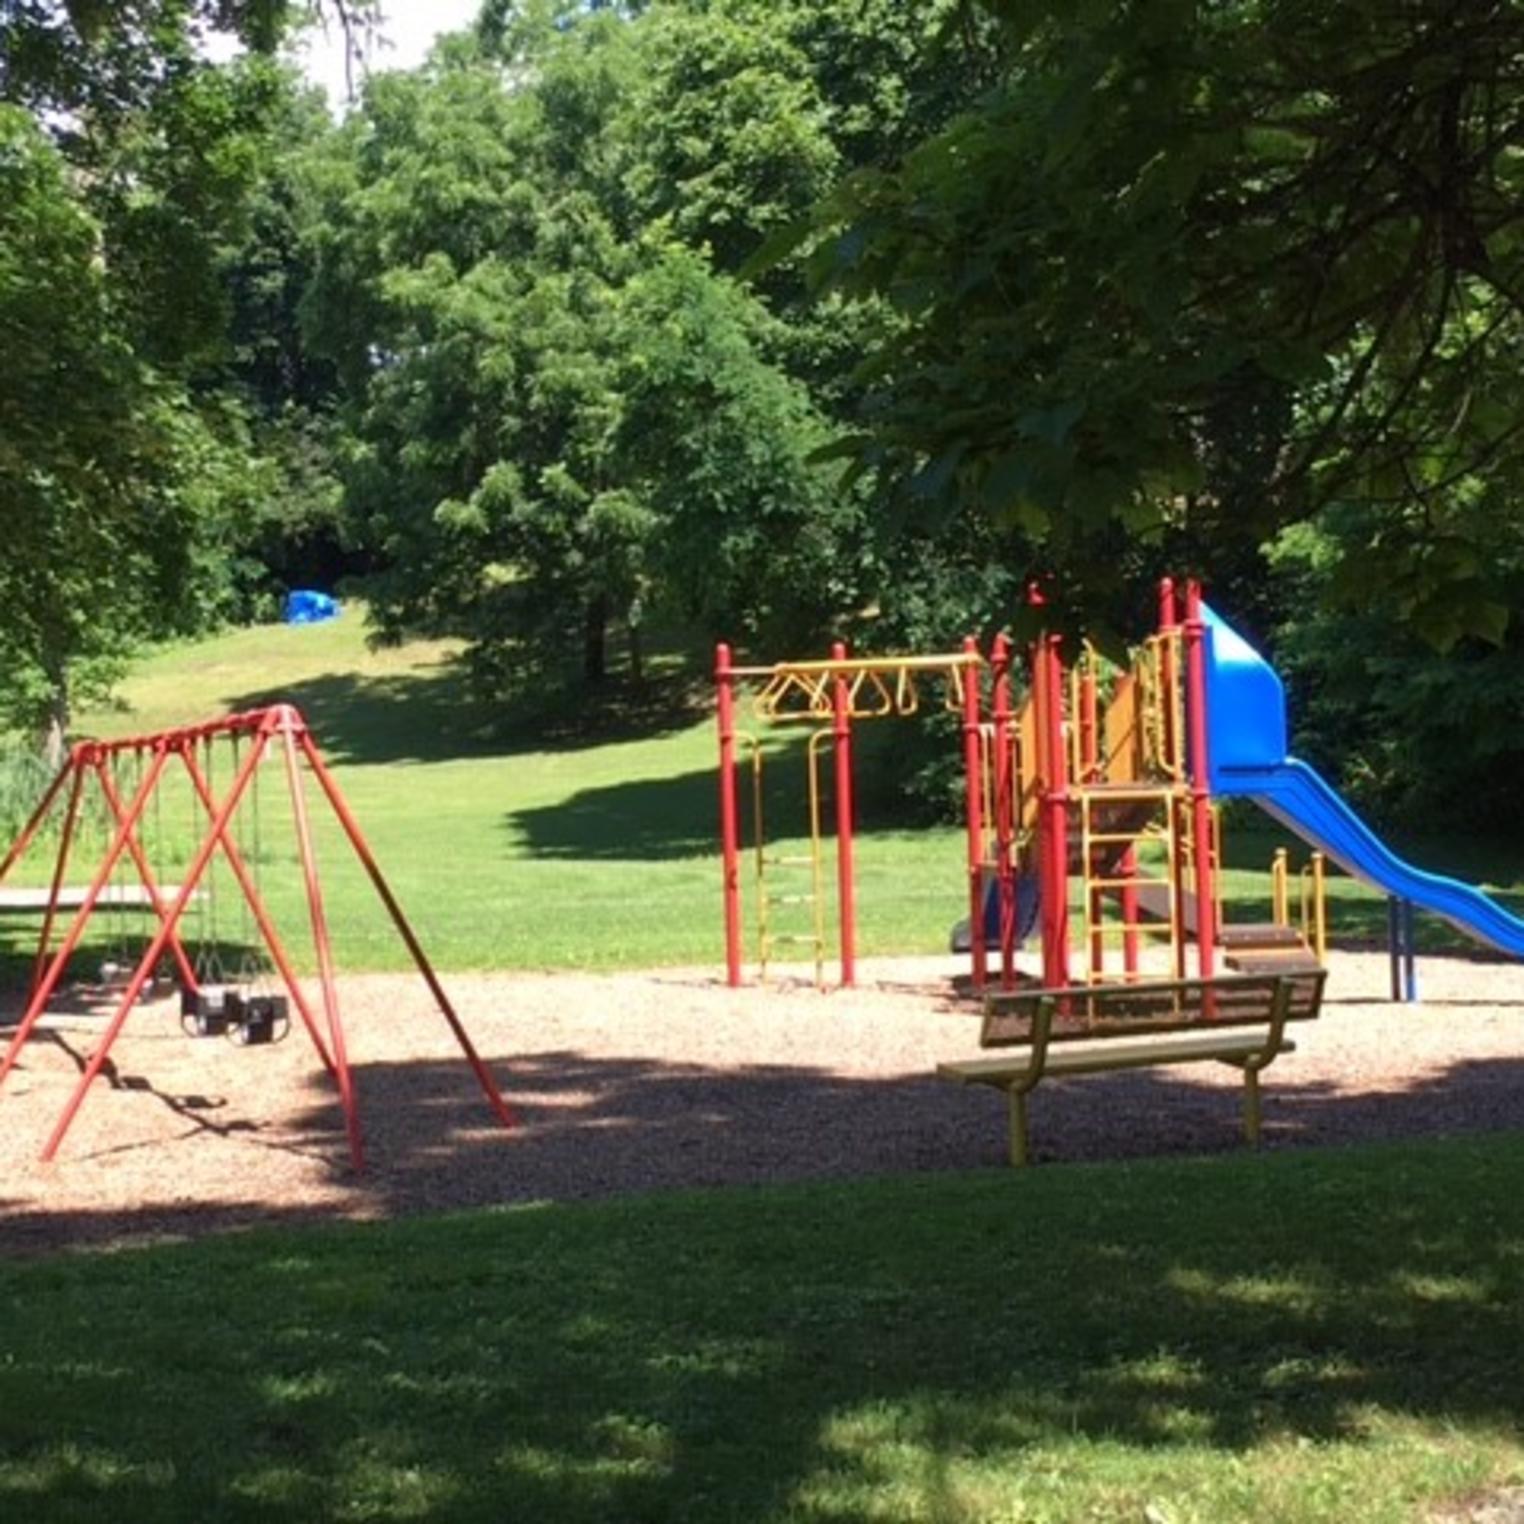 Susquehanna-Perry Park